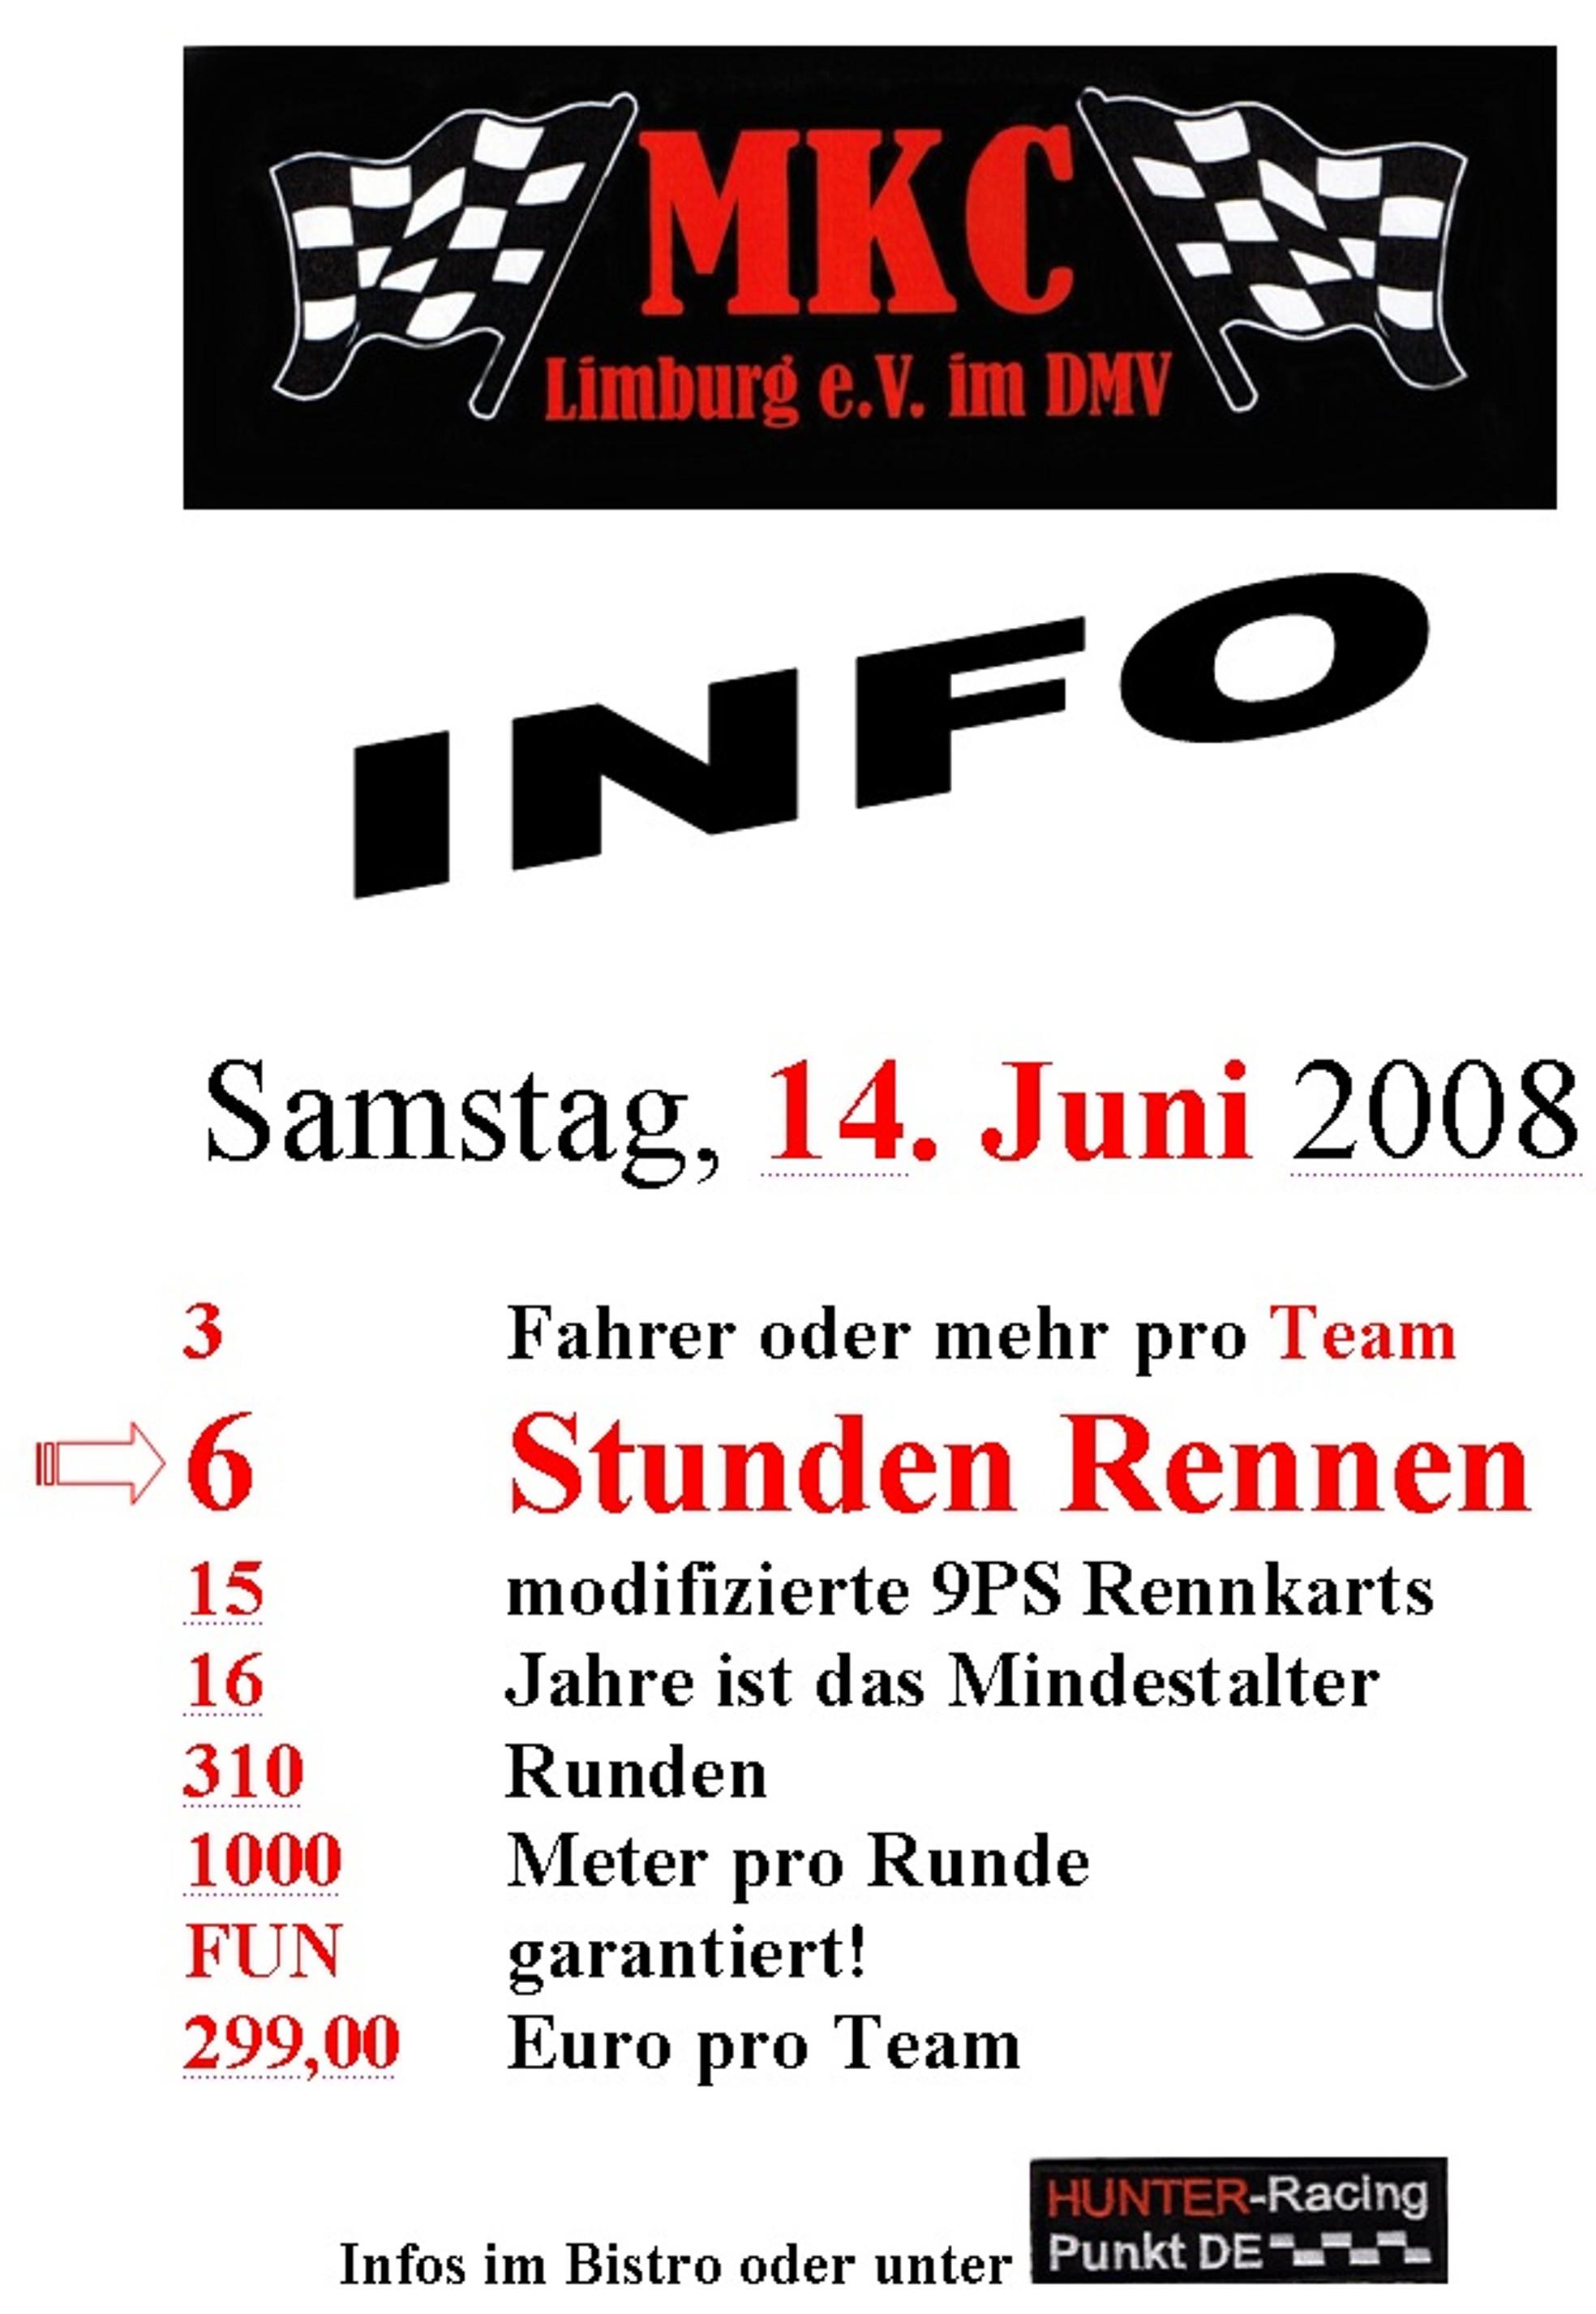 mkc-lsm-info.jpg